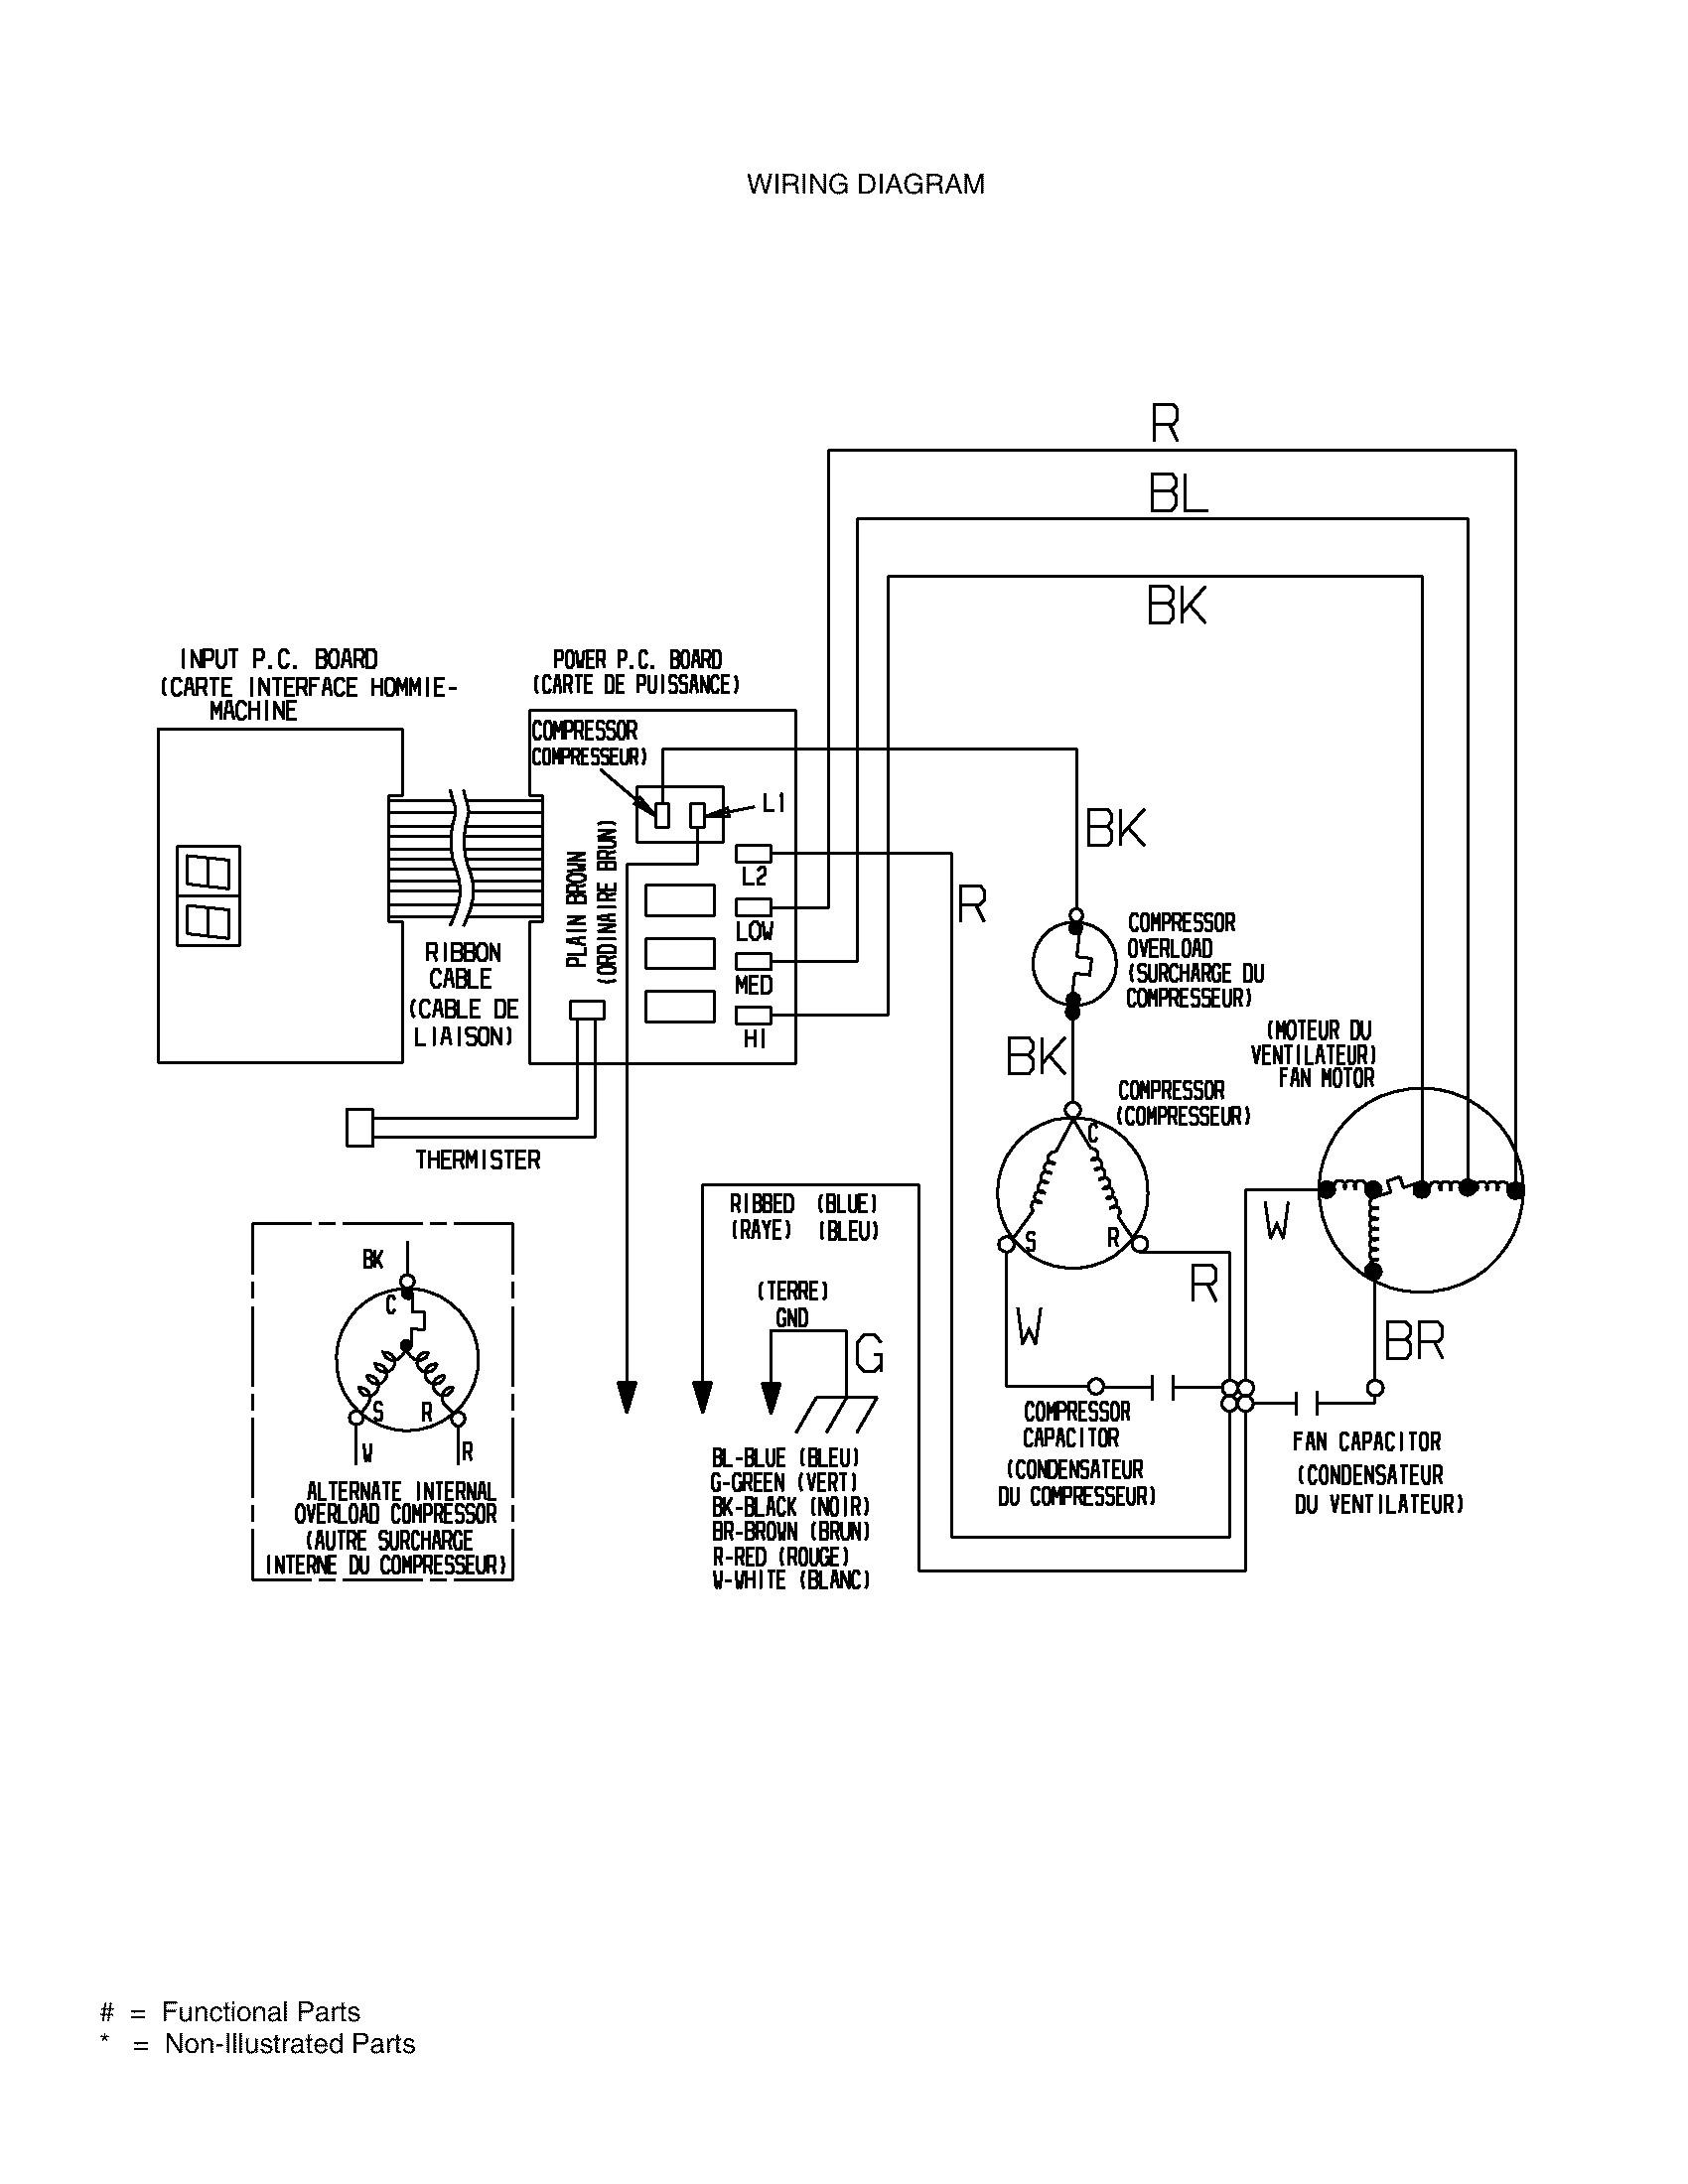 Trane Heat Pump Rtu Wiring Diagram - Database